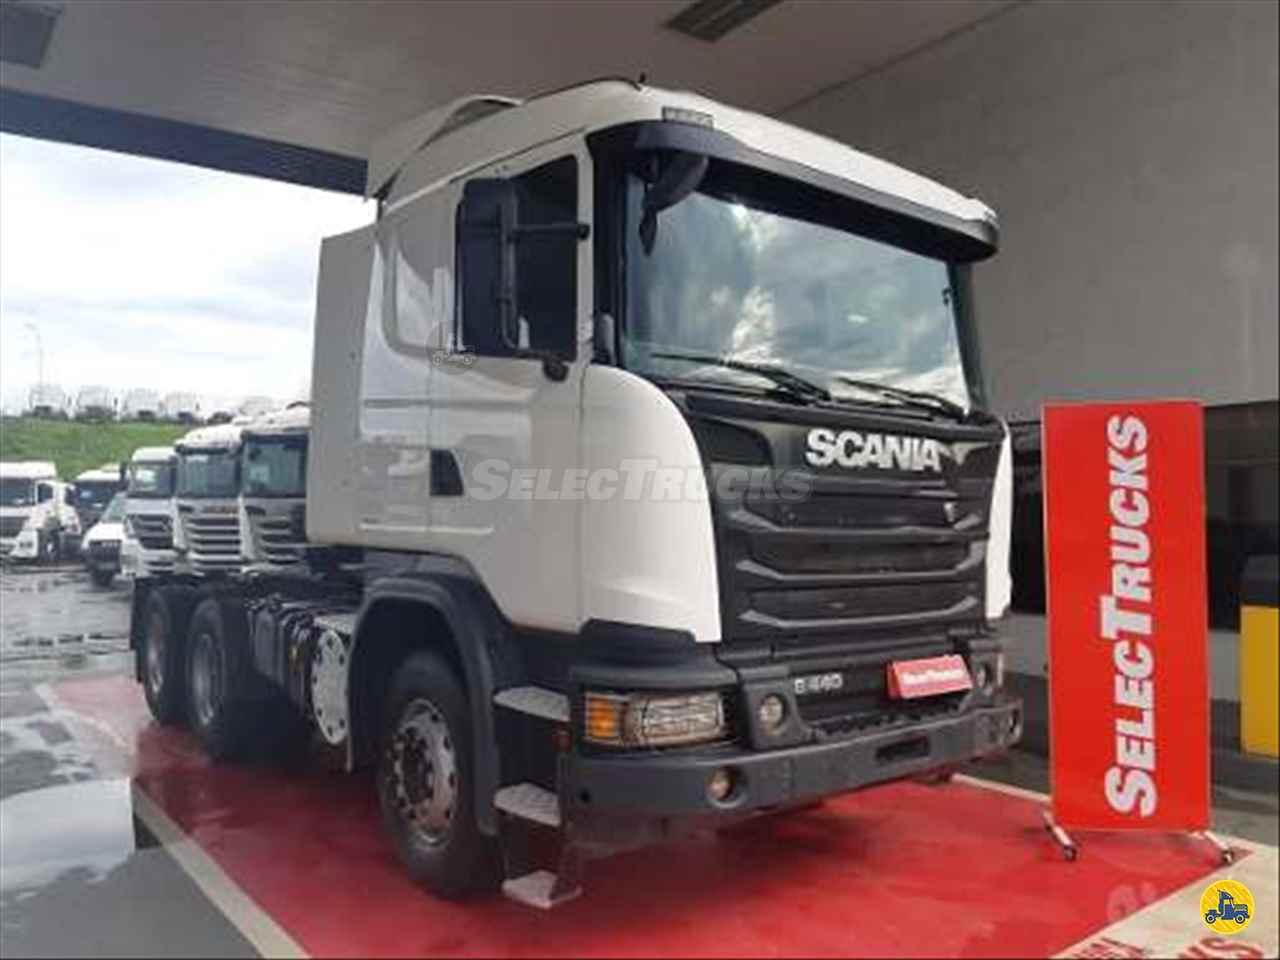 SCANIA SCANIA 440 330000km 2017/2018 SelecTrucks - Mauá SP - Matriz